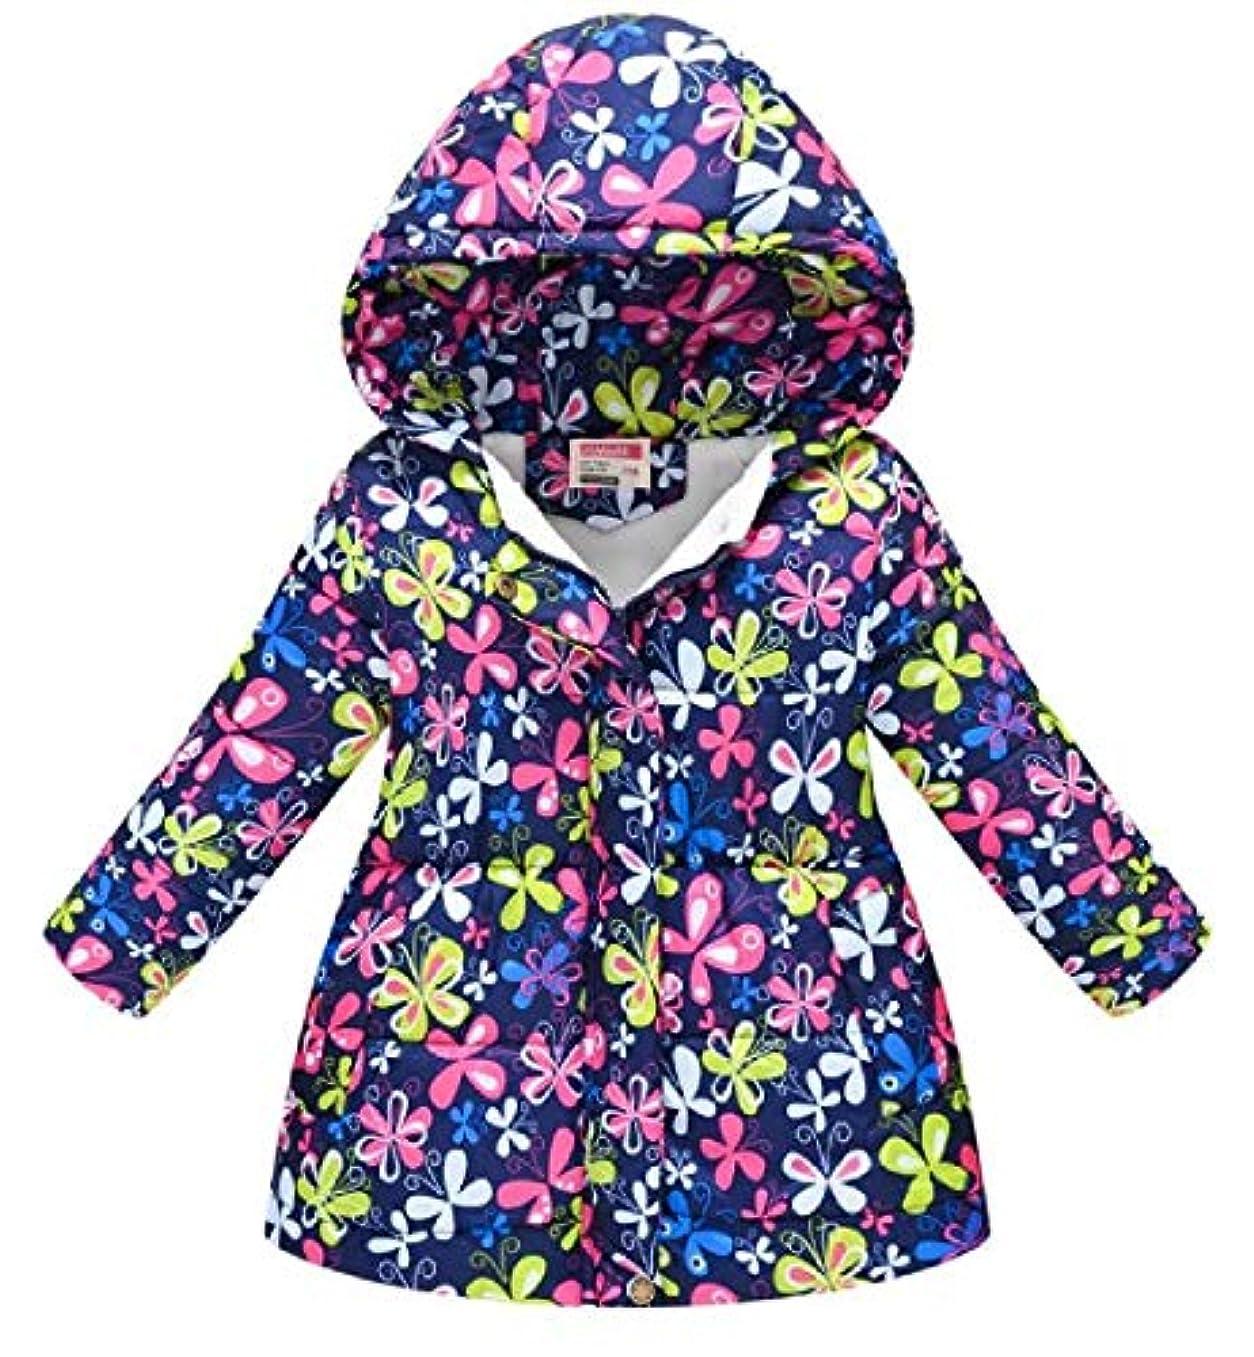 バルブ開業医ディーラーSmallwin 女の子フードキルトカジュアルかわいいコートプリントダウンジャケット 10 8T